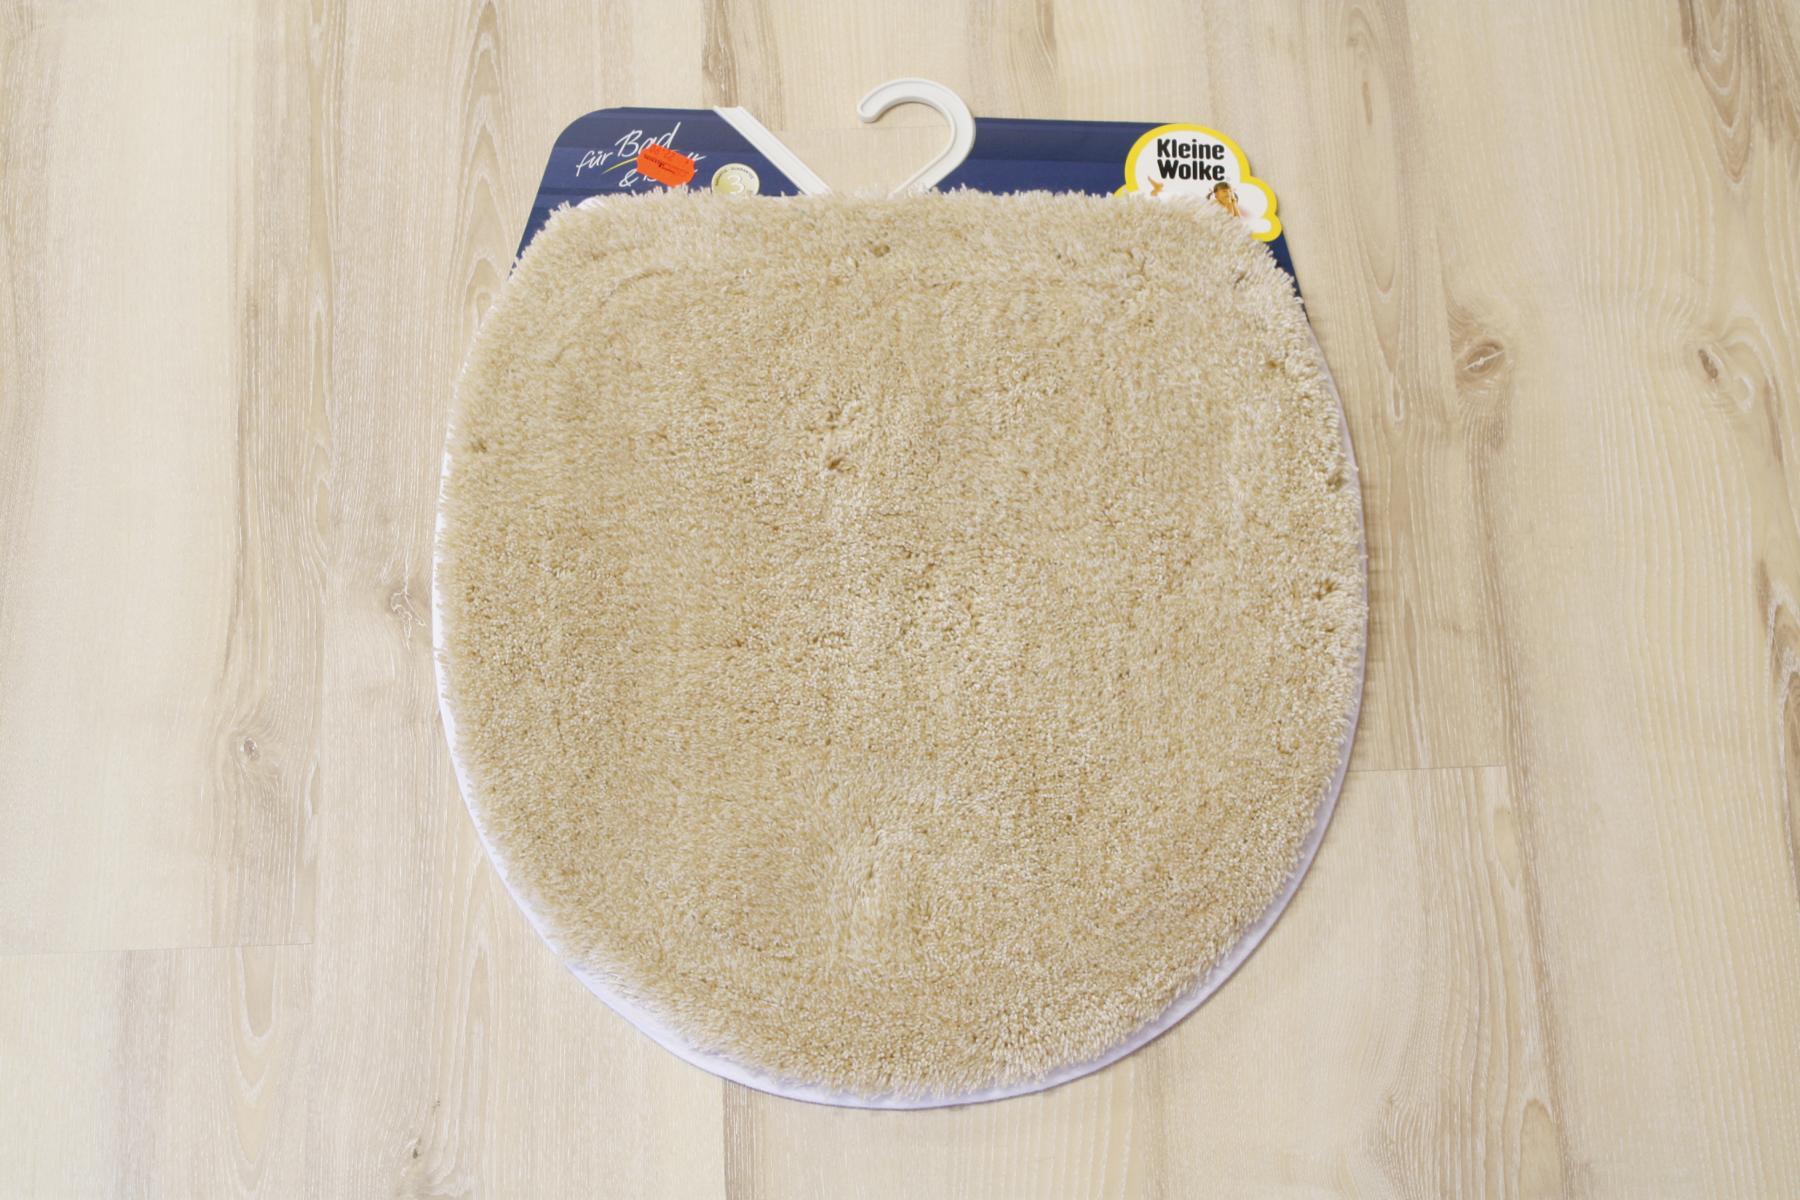 badteppich kleine wolke relax champagner 47x50 deckelbezug. Black Bedroom Furniture Sets. Home Design Ideas